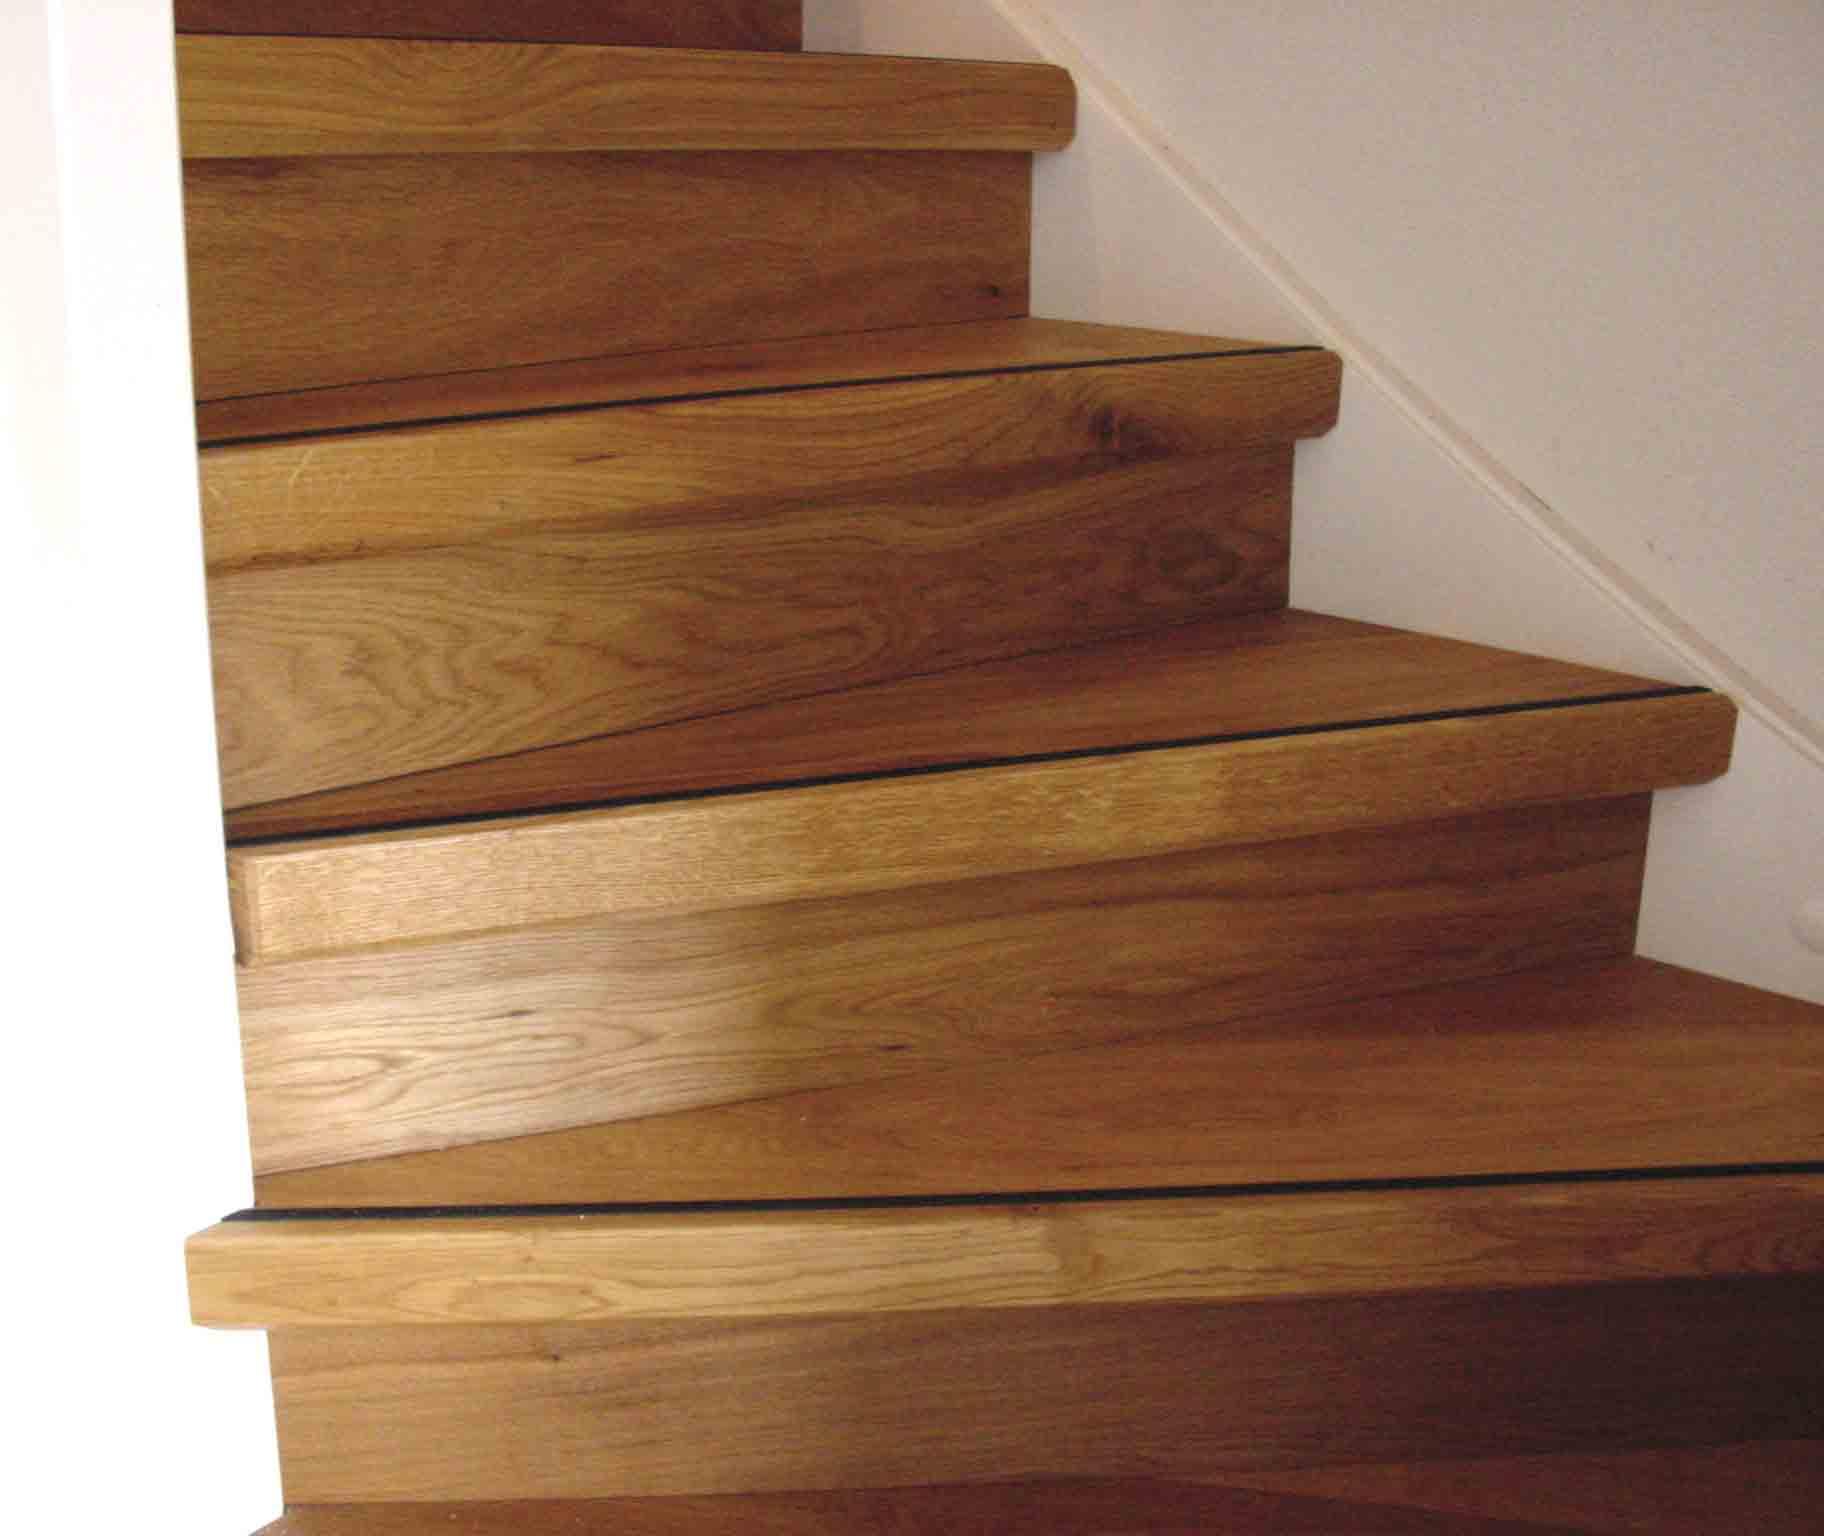 Traprenovatiepakket inclusief stootbord actielaminaat bv - Renovatie houten trap ...